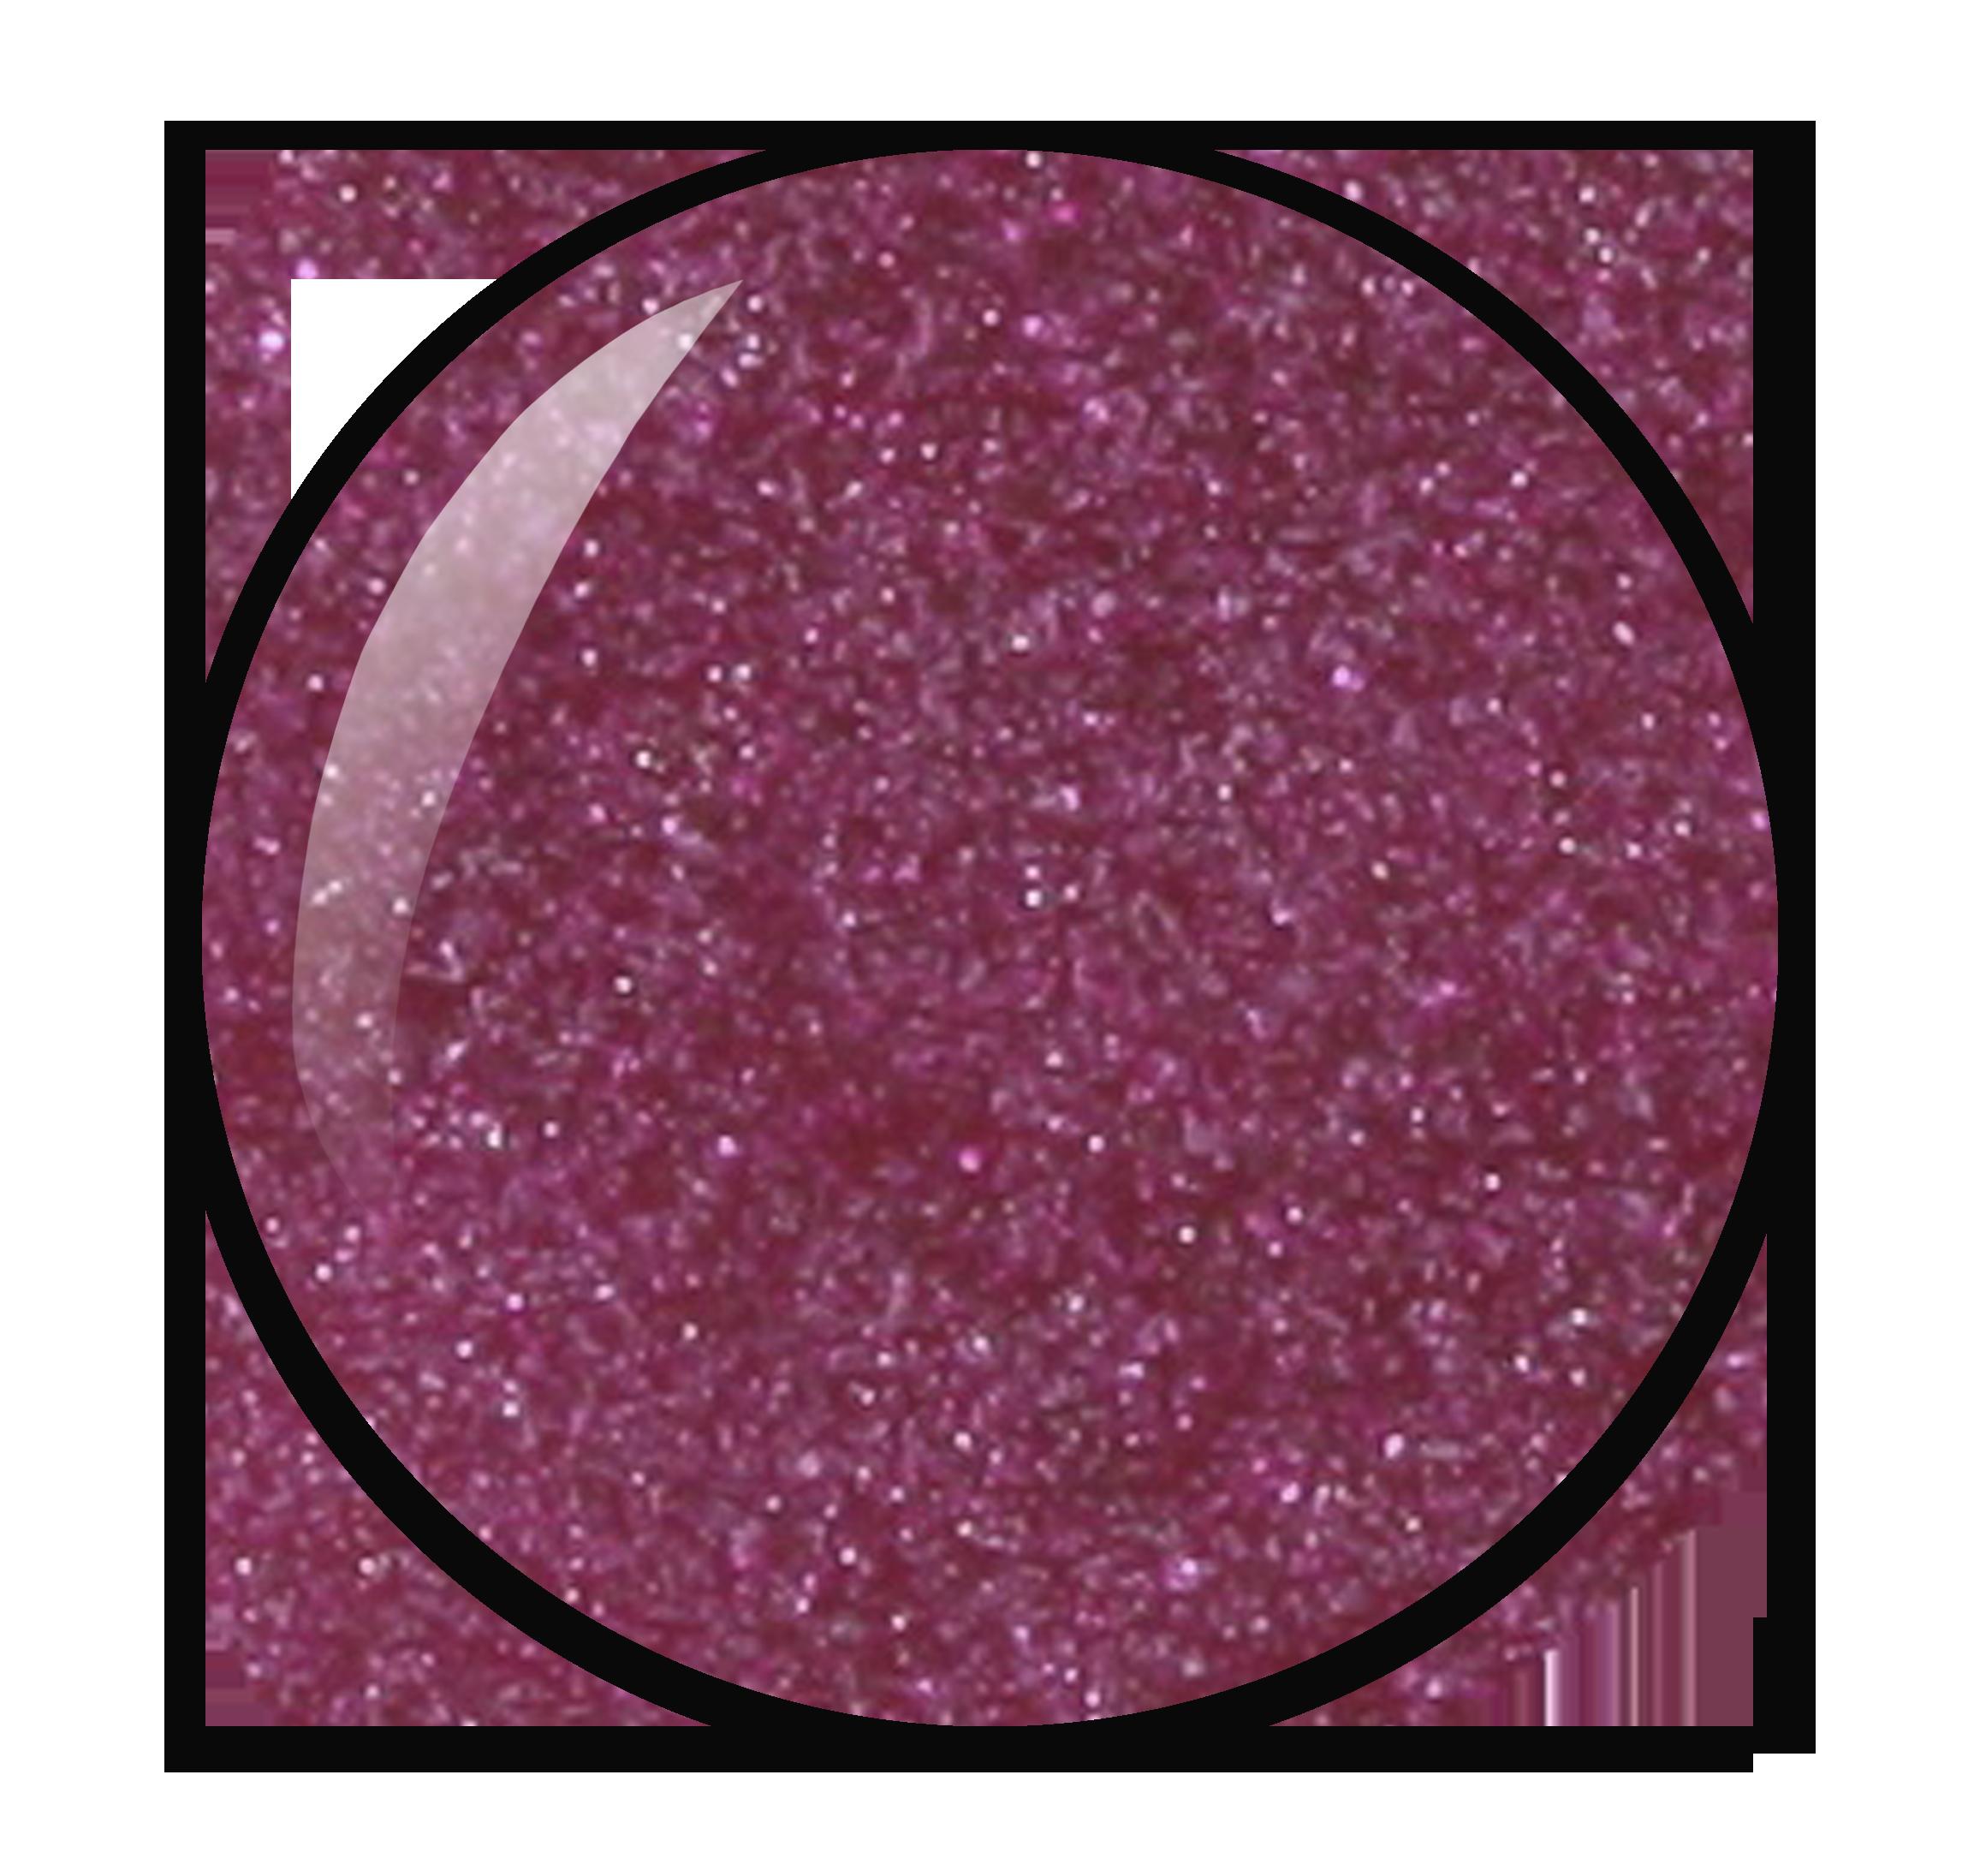 Donker roze nagellak nummer 108 uit Herôme nagellak collectie